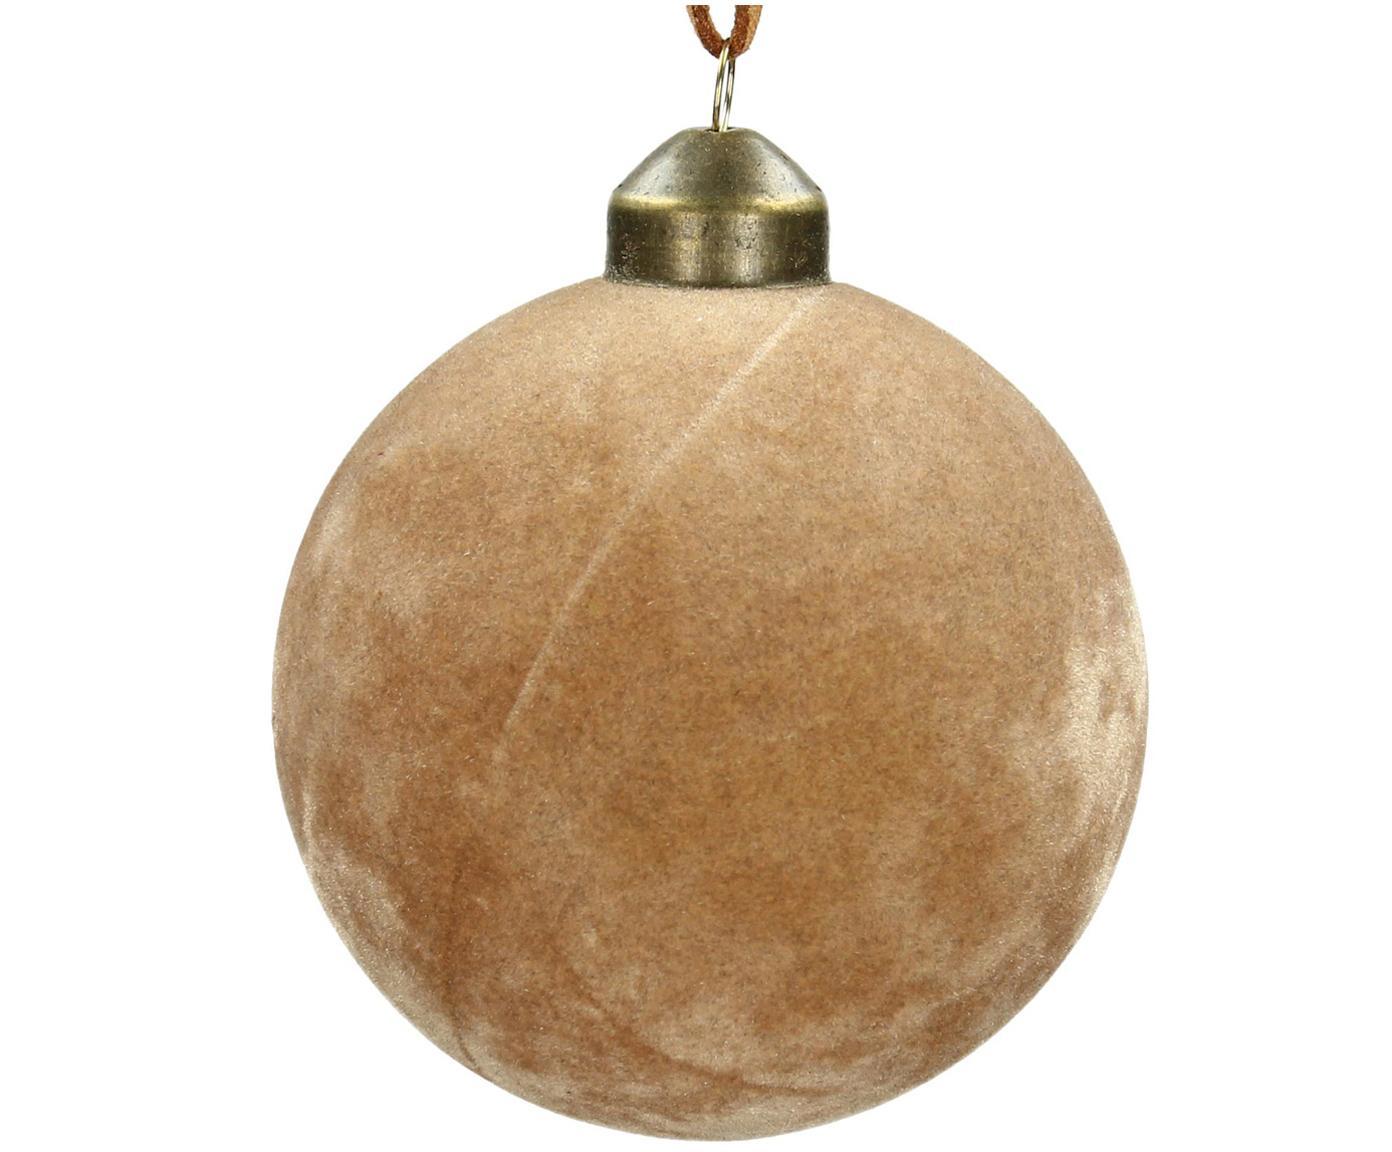 Kerstballen Velvet, 4 stuks, Glas, polyesterfluweel, Lichtbruin, Ø 8 cm